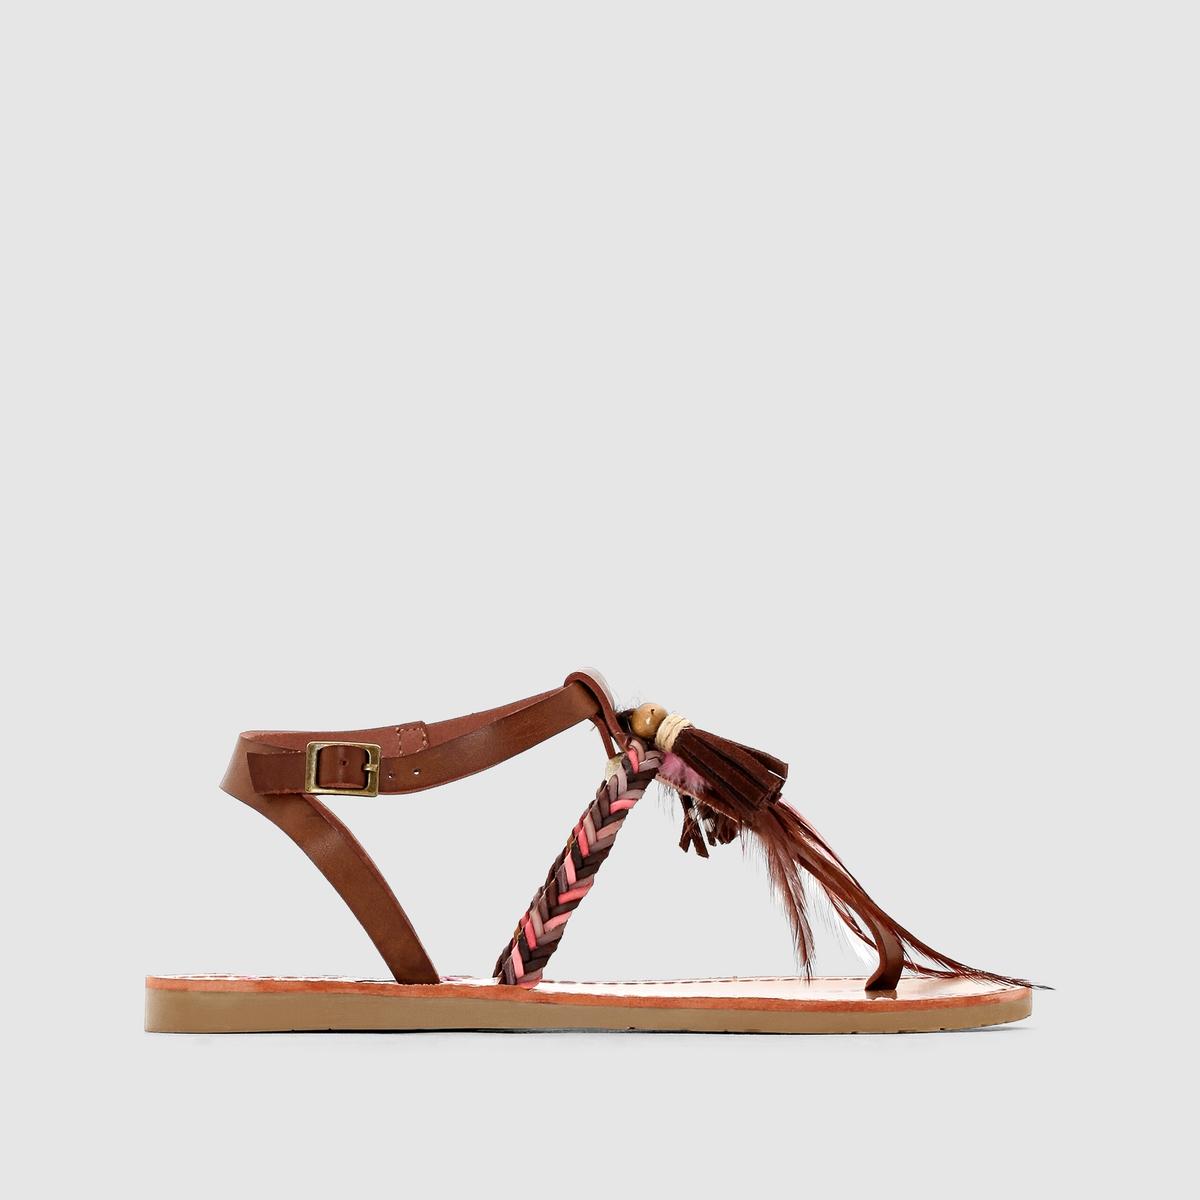 Сандалии с перемычкой между пальцами, на плоском каблуке, MELROSEКак следует из названия компании, Coolway - это отличный способ получить широкий ассортимент модной и… классной обуви ! Одновременно городской, оригинальный, в духе модных тенденций стиль, изделия, всегда отвечающие нашим модным потребностям, меняющиеся, как и наш стиль !<br><br>Цвет: каштановый,черный<br>Размер: 38.37